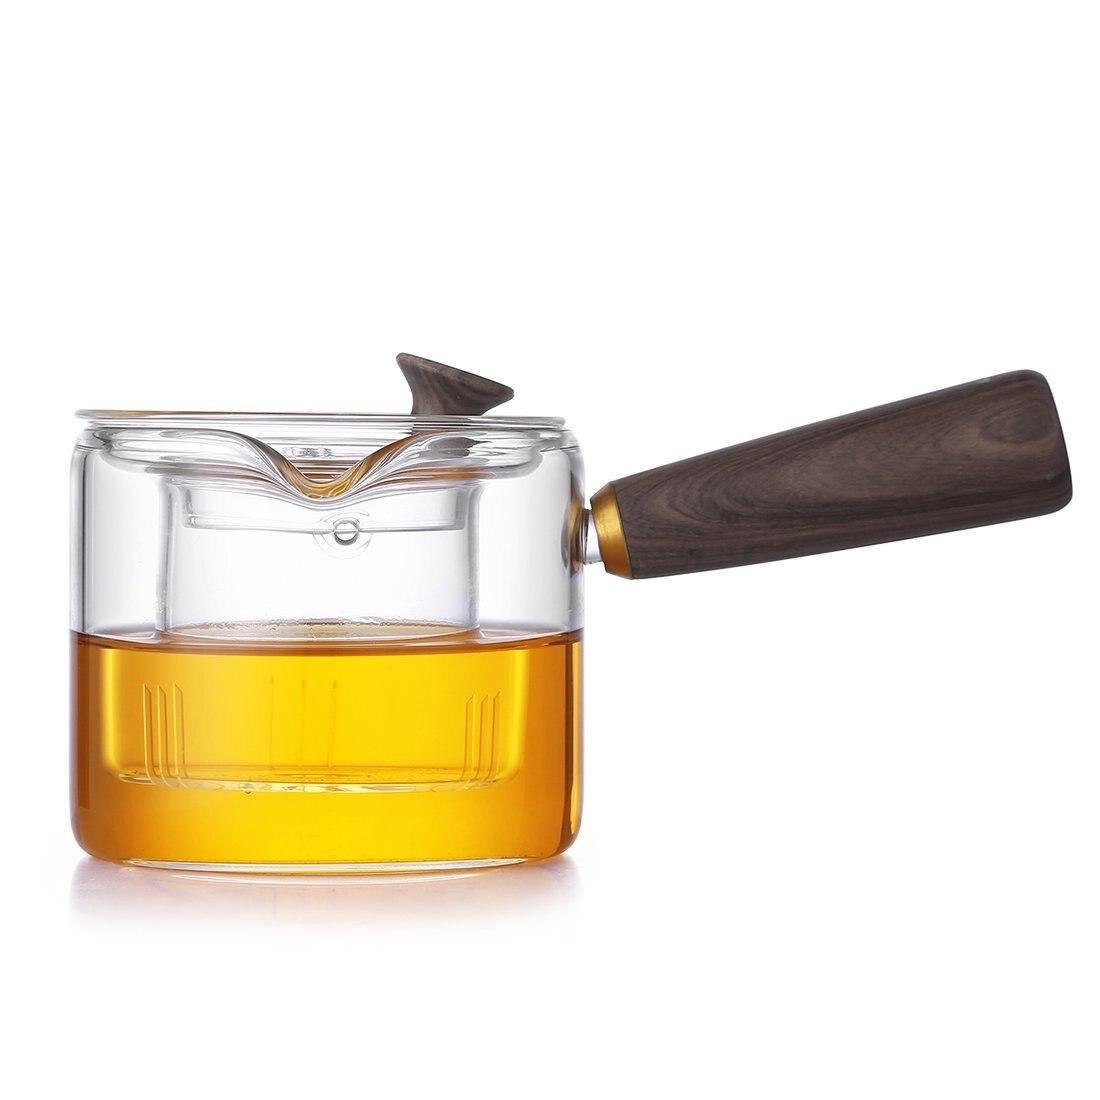 Théière en verre Borosilicate ONEISALL avec filtre à doublure, vaisselle de bureau, cafetière Durable, théière en verre avec manche en bois